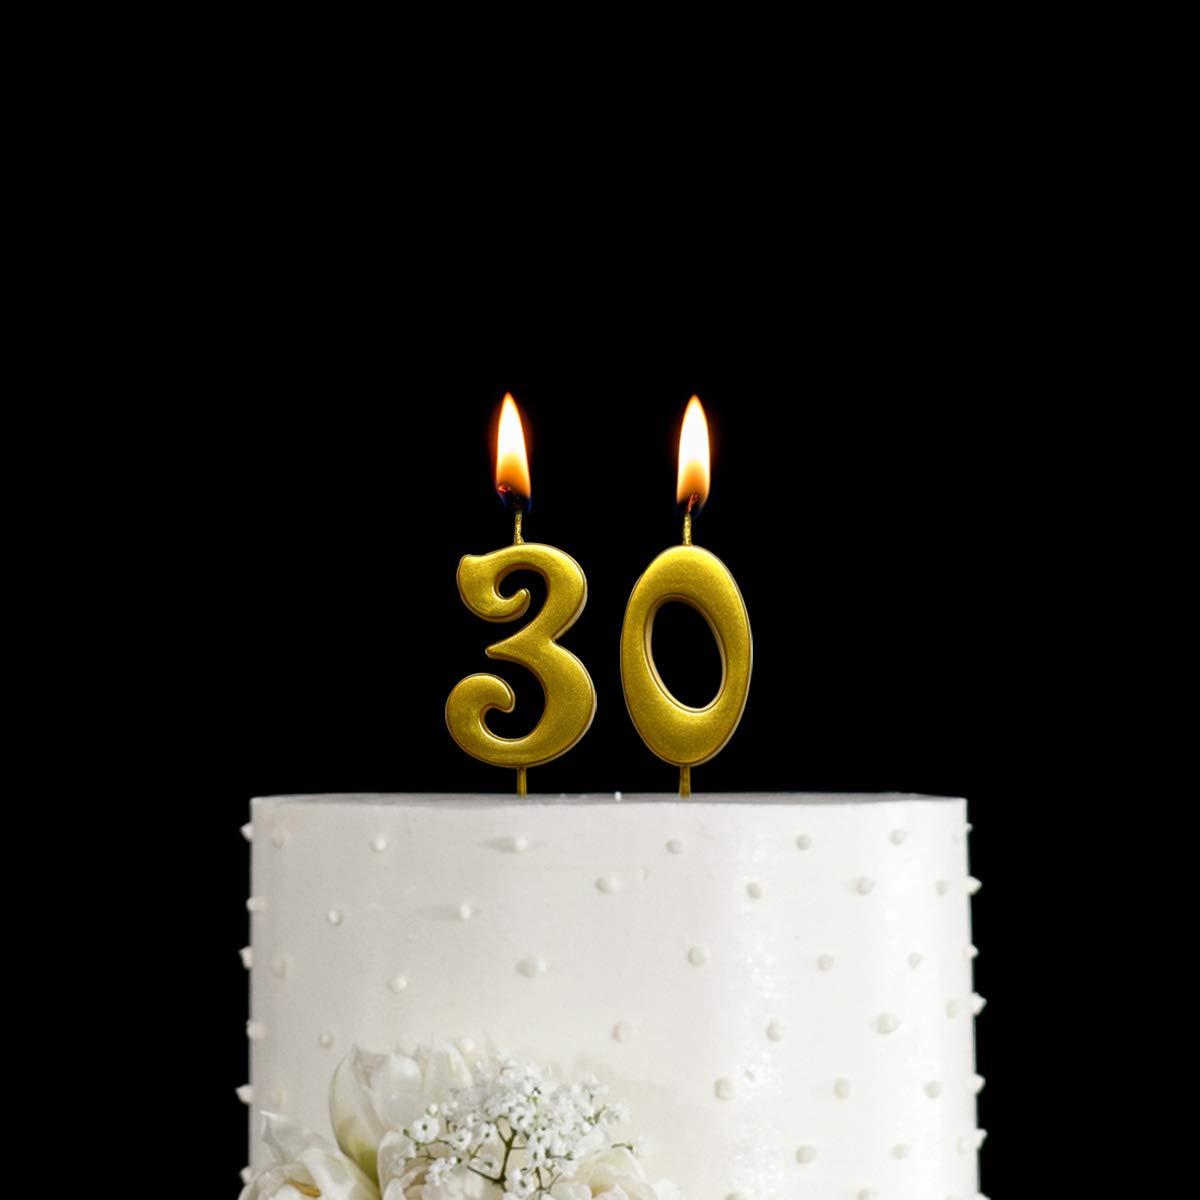 شمعة Magjuche ذهبية 30 عيد ميلاد رقمية شموع علوية للكعك لتزيين الحفلات للنساء أو الرجال Amazon Ae